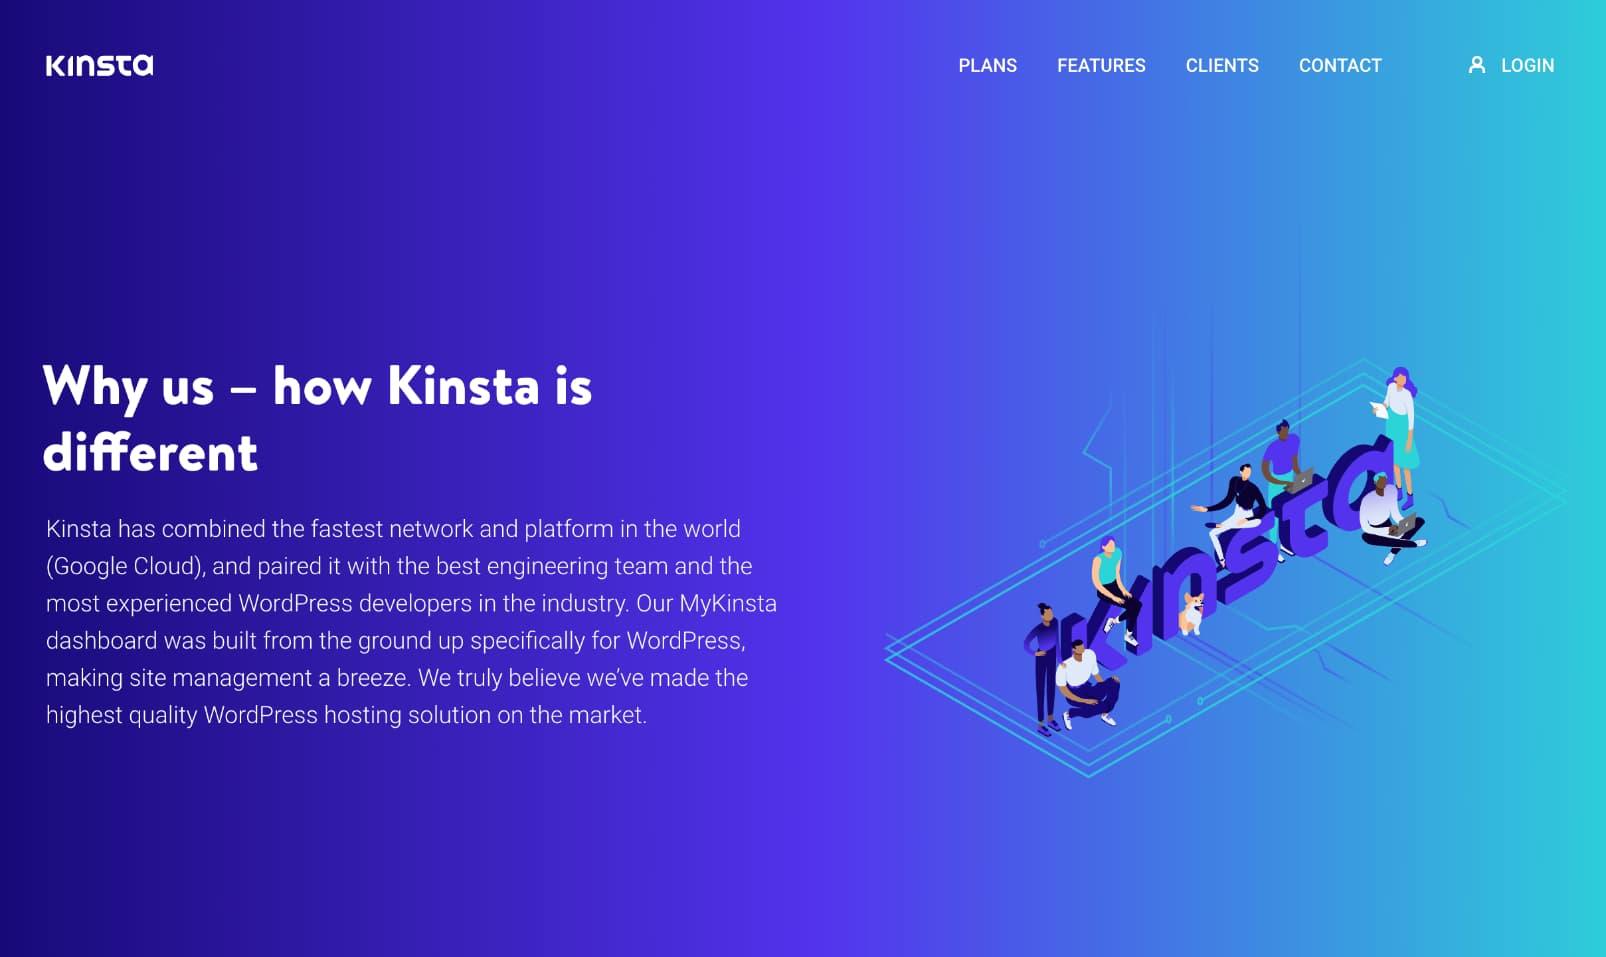 Warum ist Kinsta anders?